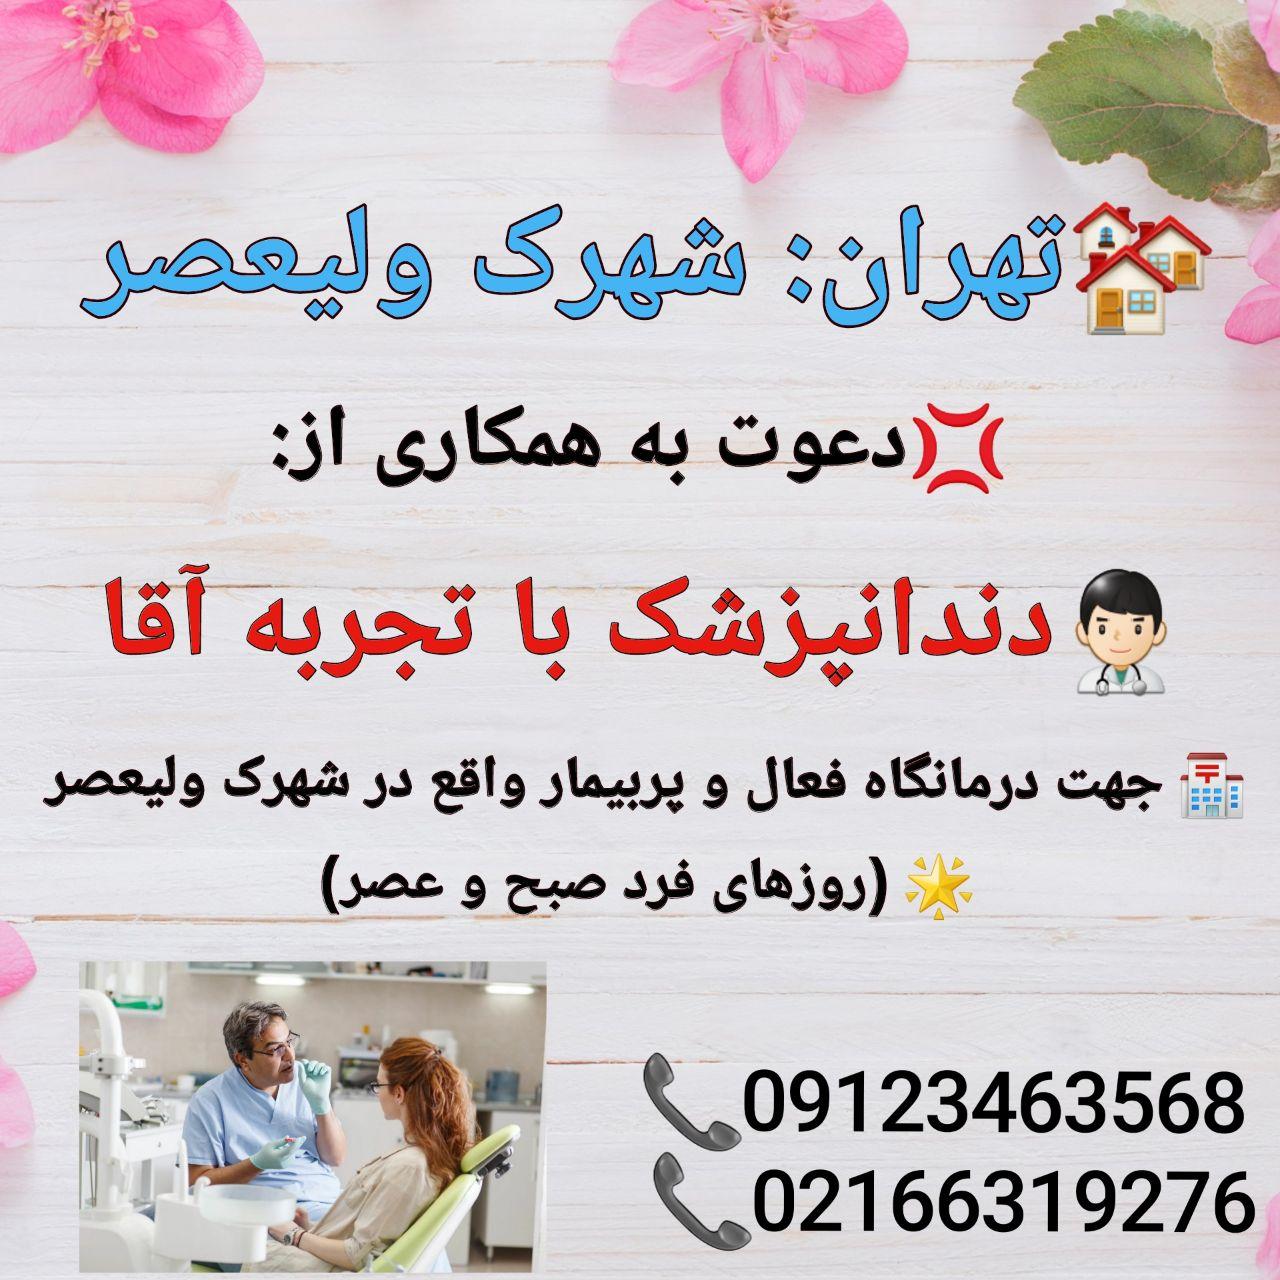 تهران: شهرک ولیعصر، نیاز به دندانپزشک با تجربه آقا